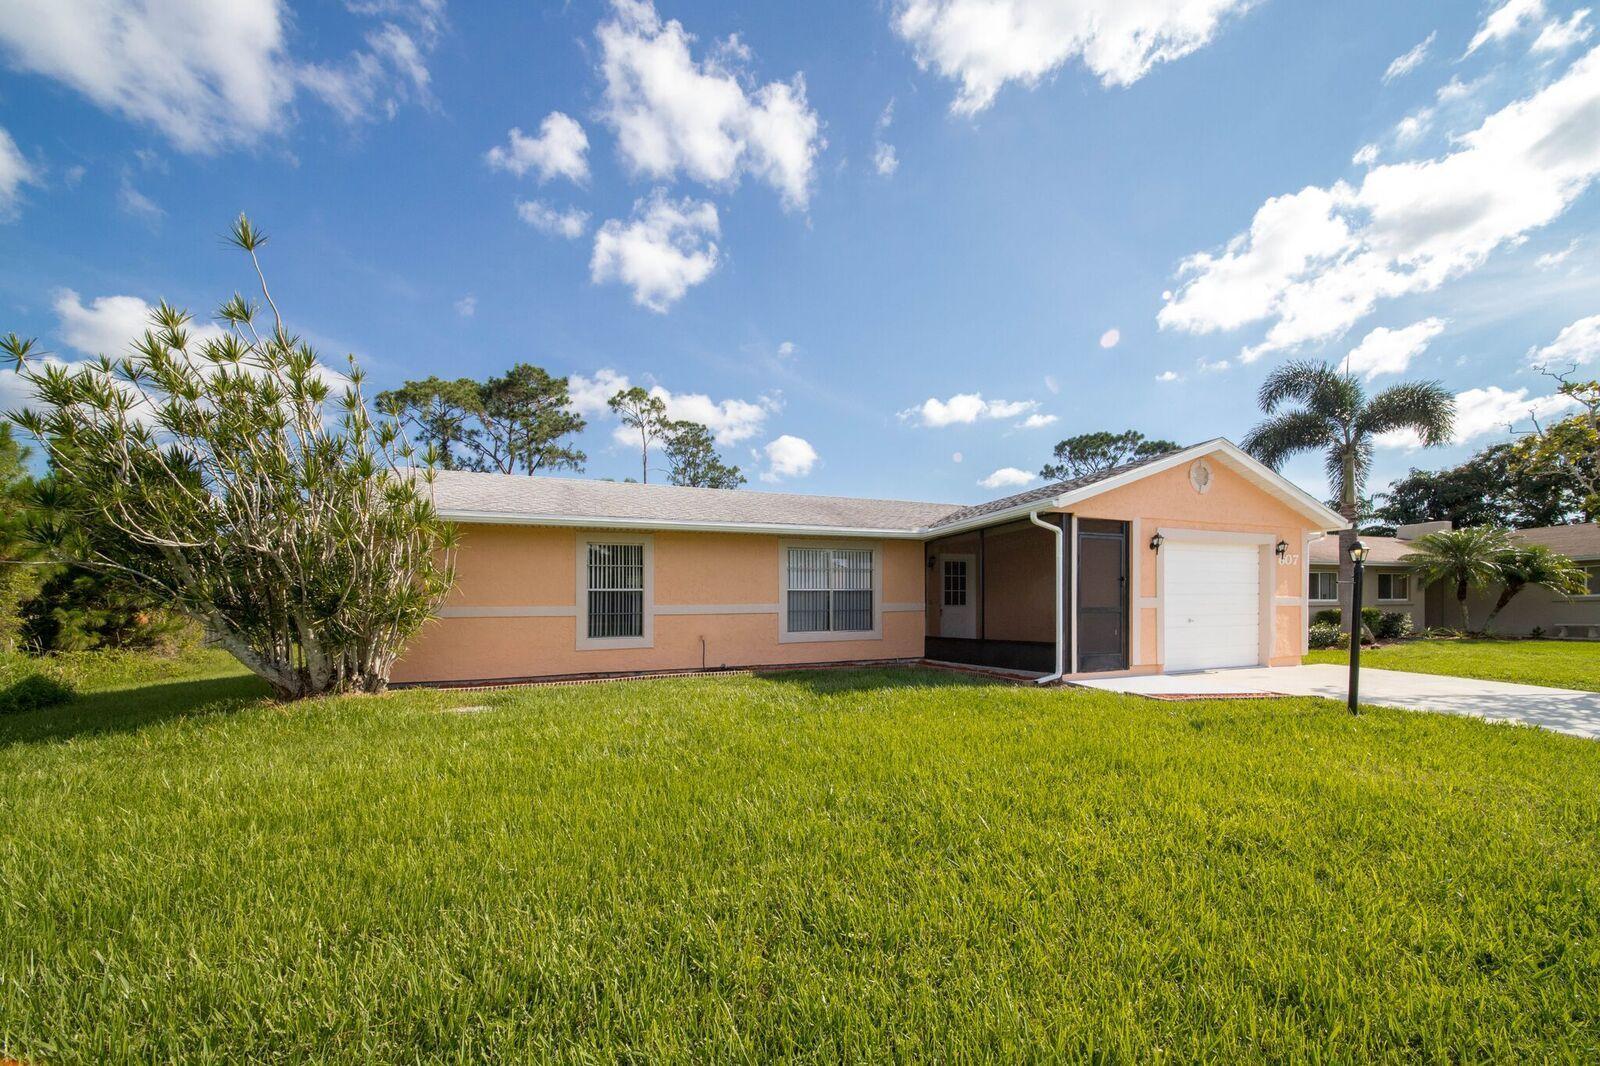 607 Se Capon Terrace, Port Saint Lucie, FL 34983